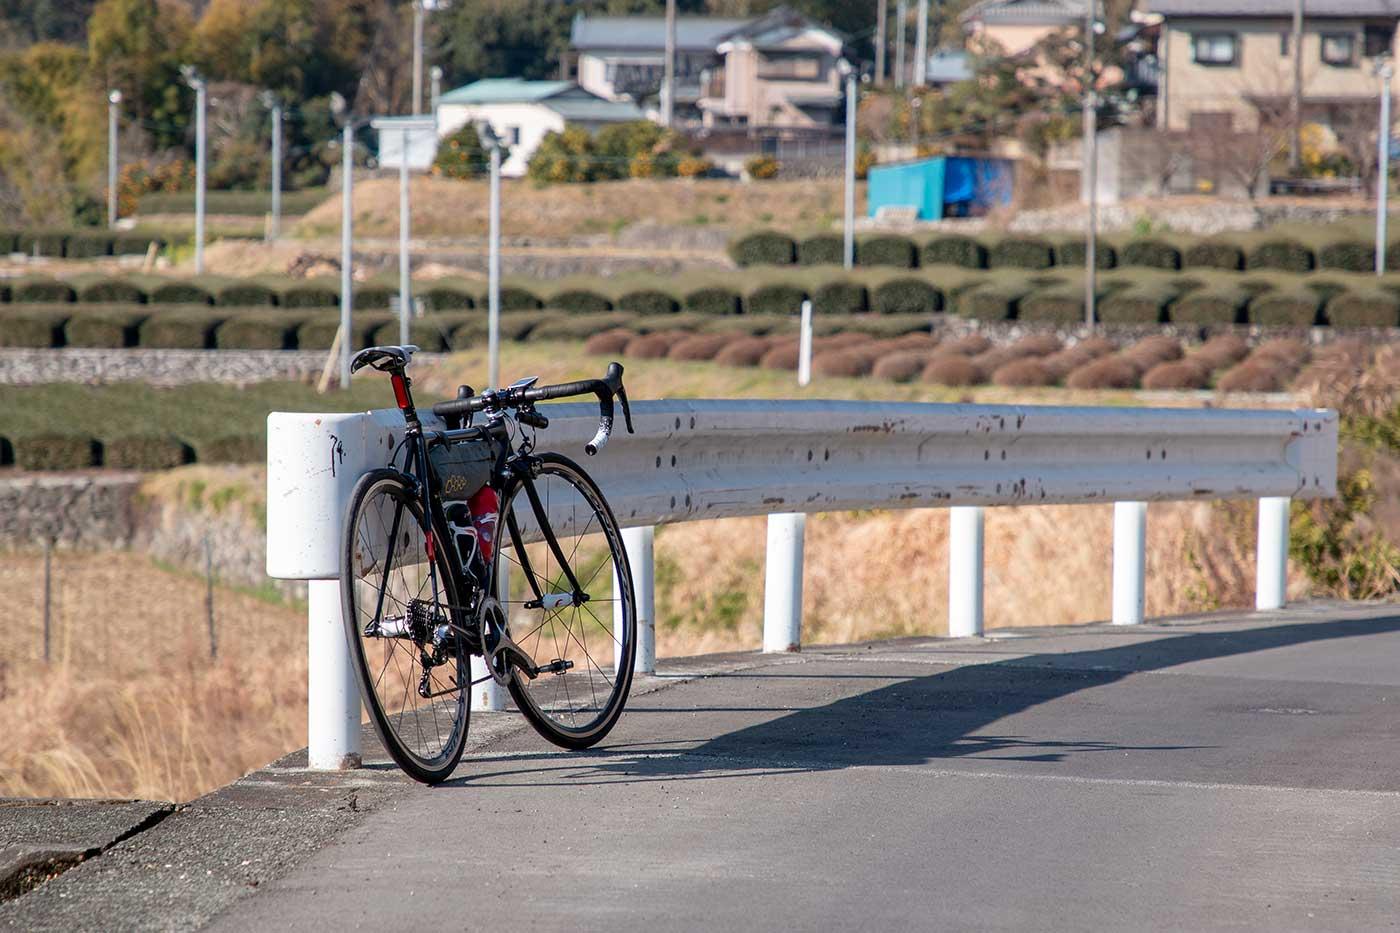 ロードバイクを後ろから撮影